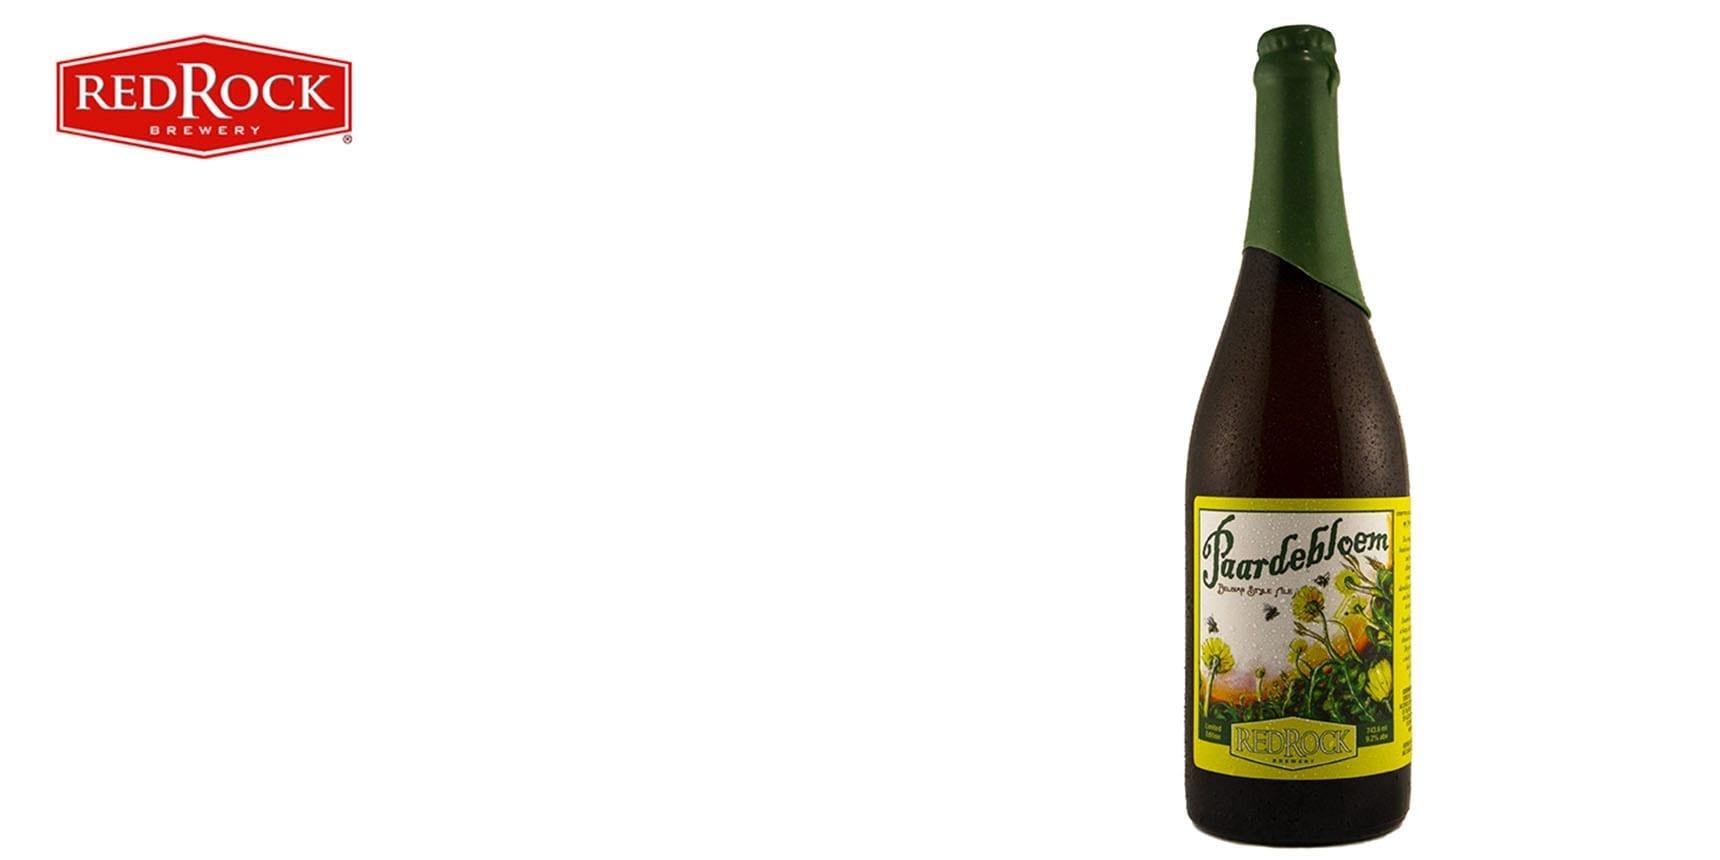 Paardebloem - Utah Beer News